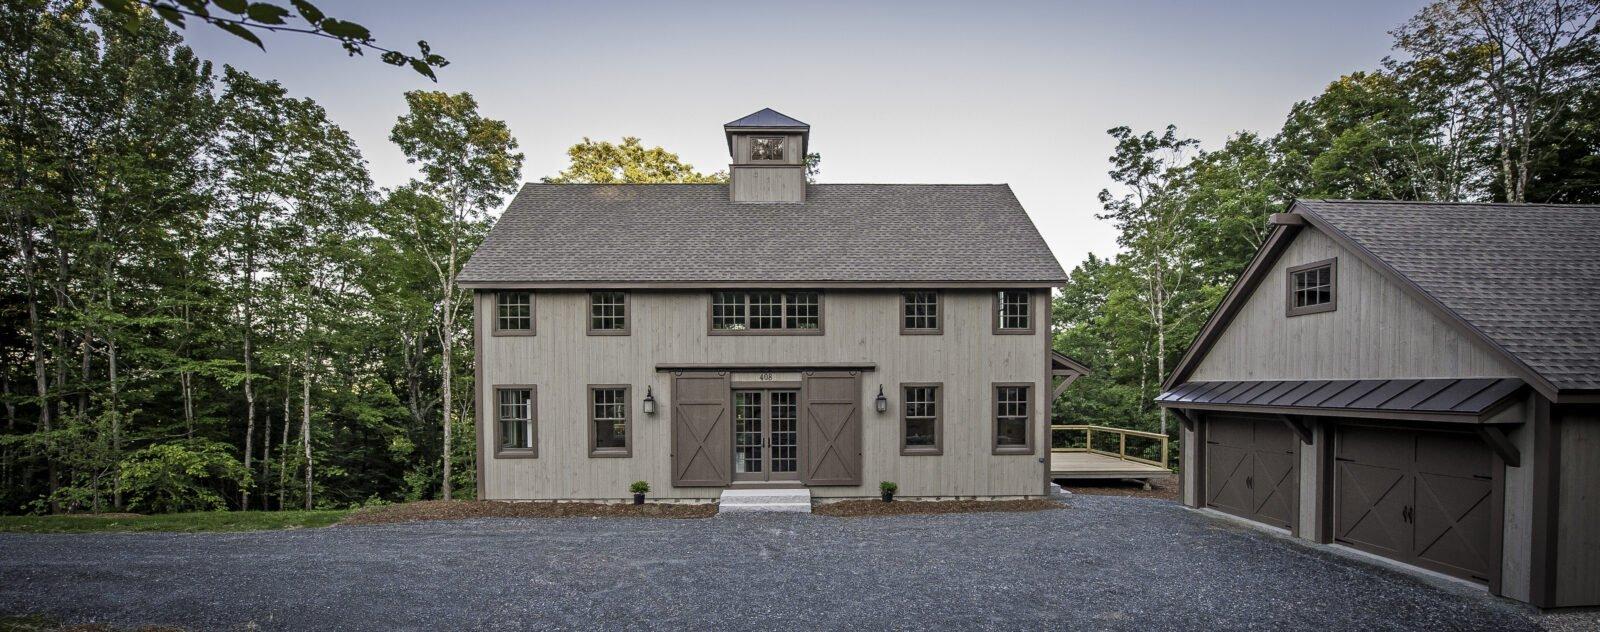 Jeffrey Rosen Barn House Design